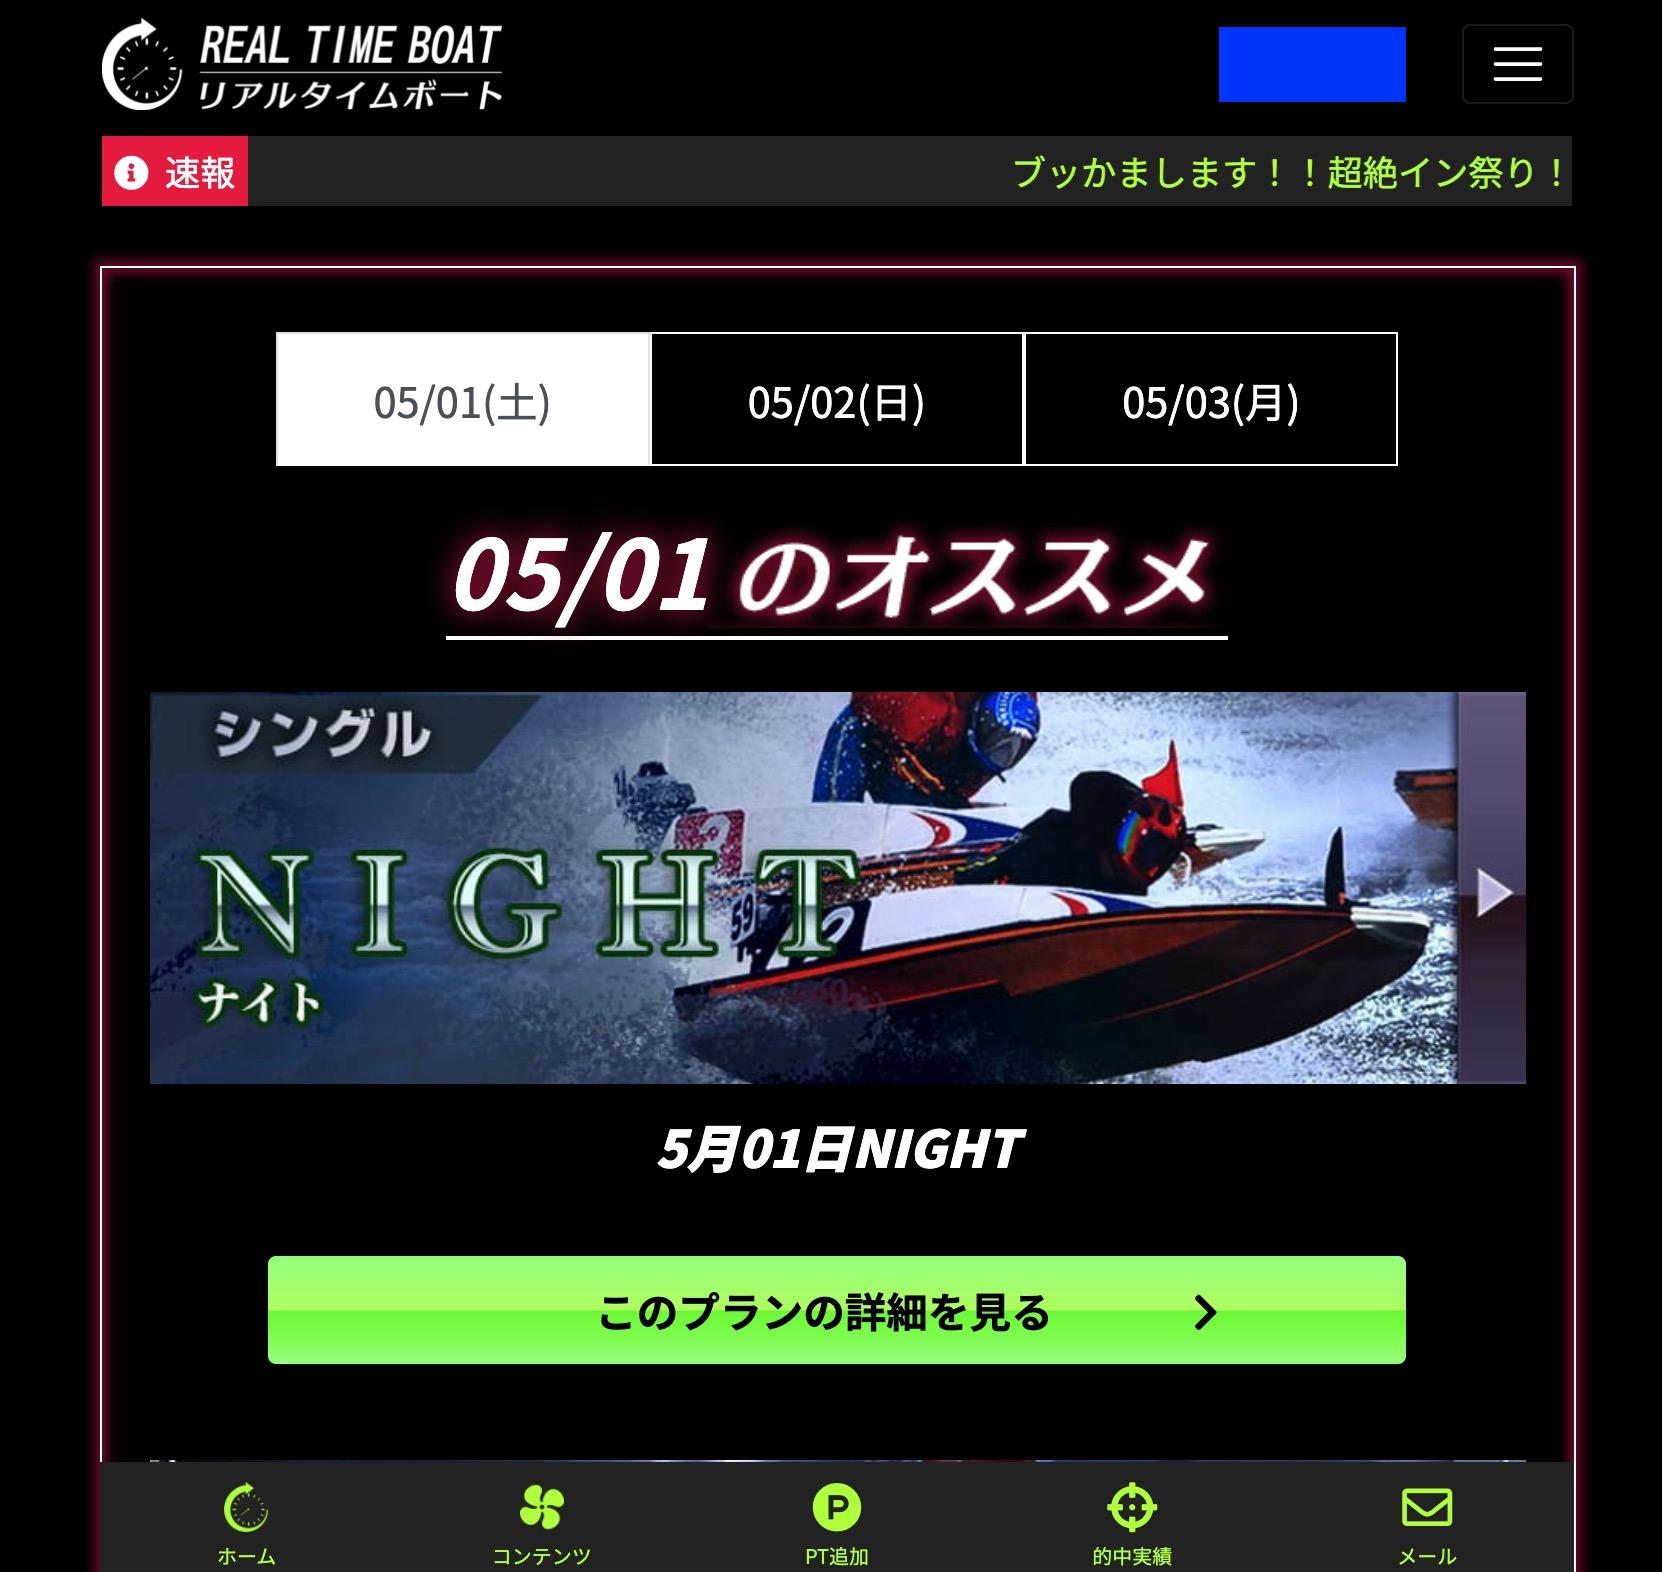 リアルタイムボート6